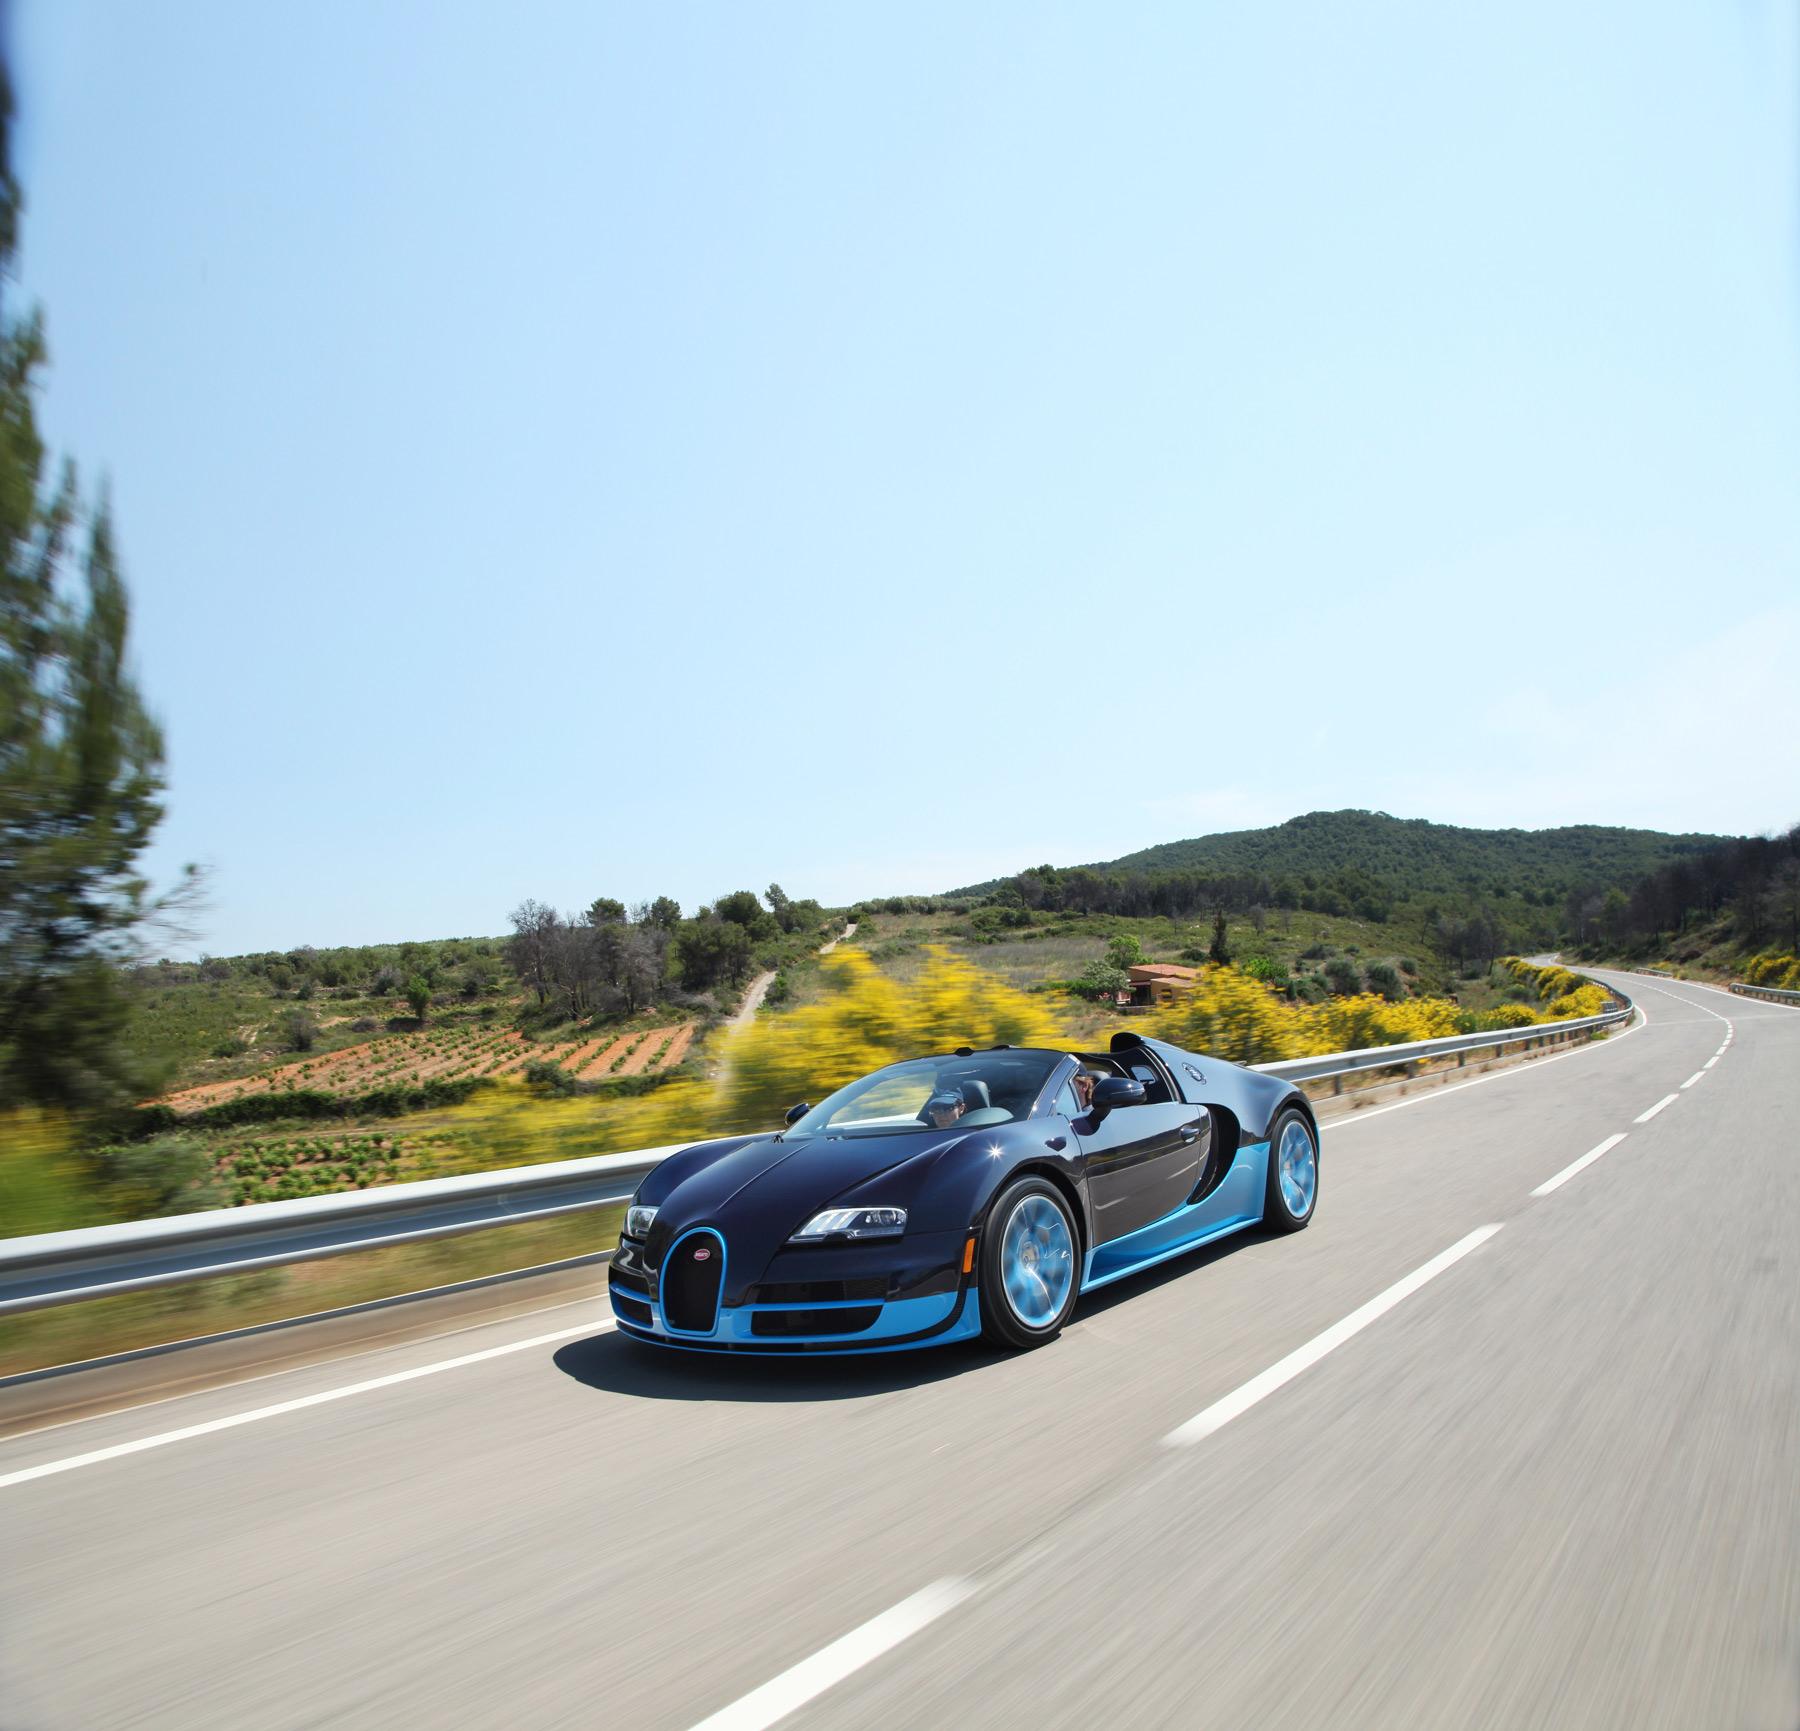 Veyron Grand Sport Vitesse: Auto Review: Bugatti Veyron 16.4 Grand Sport Vitesse